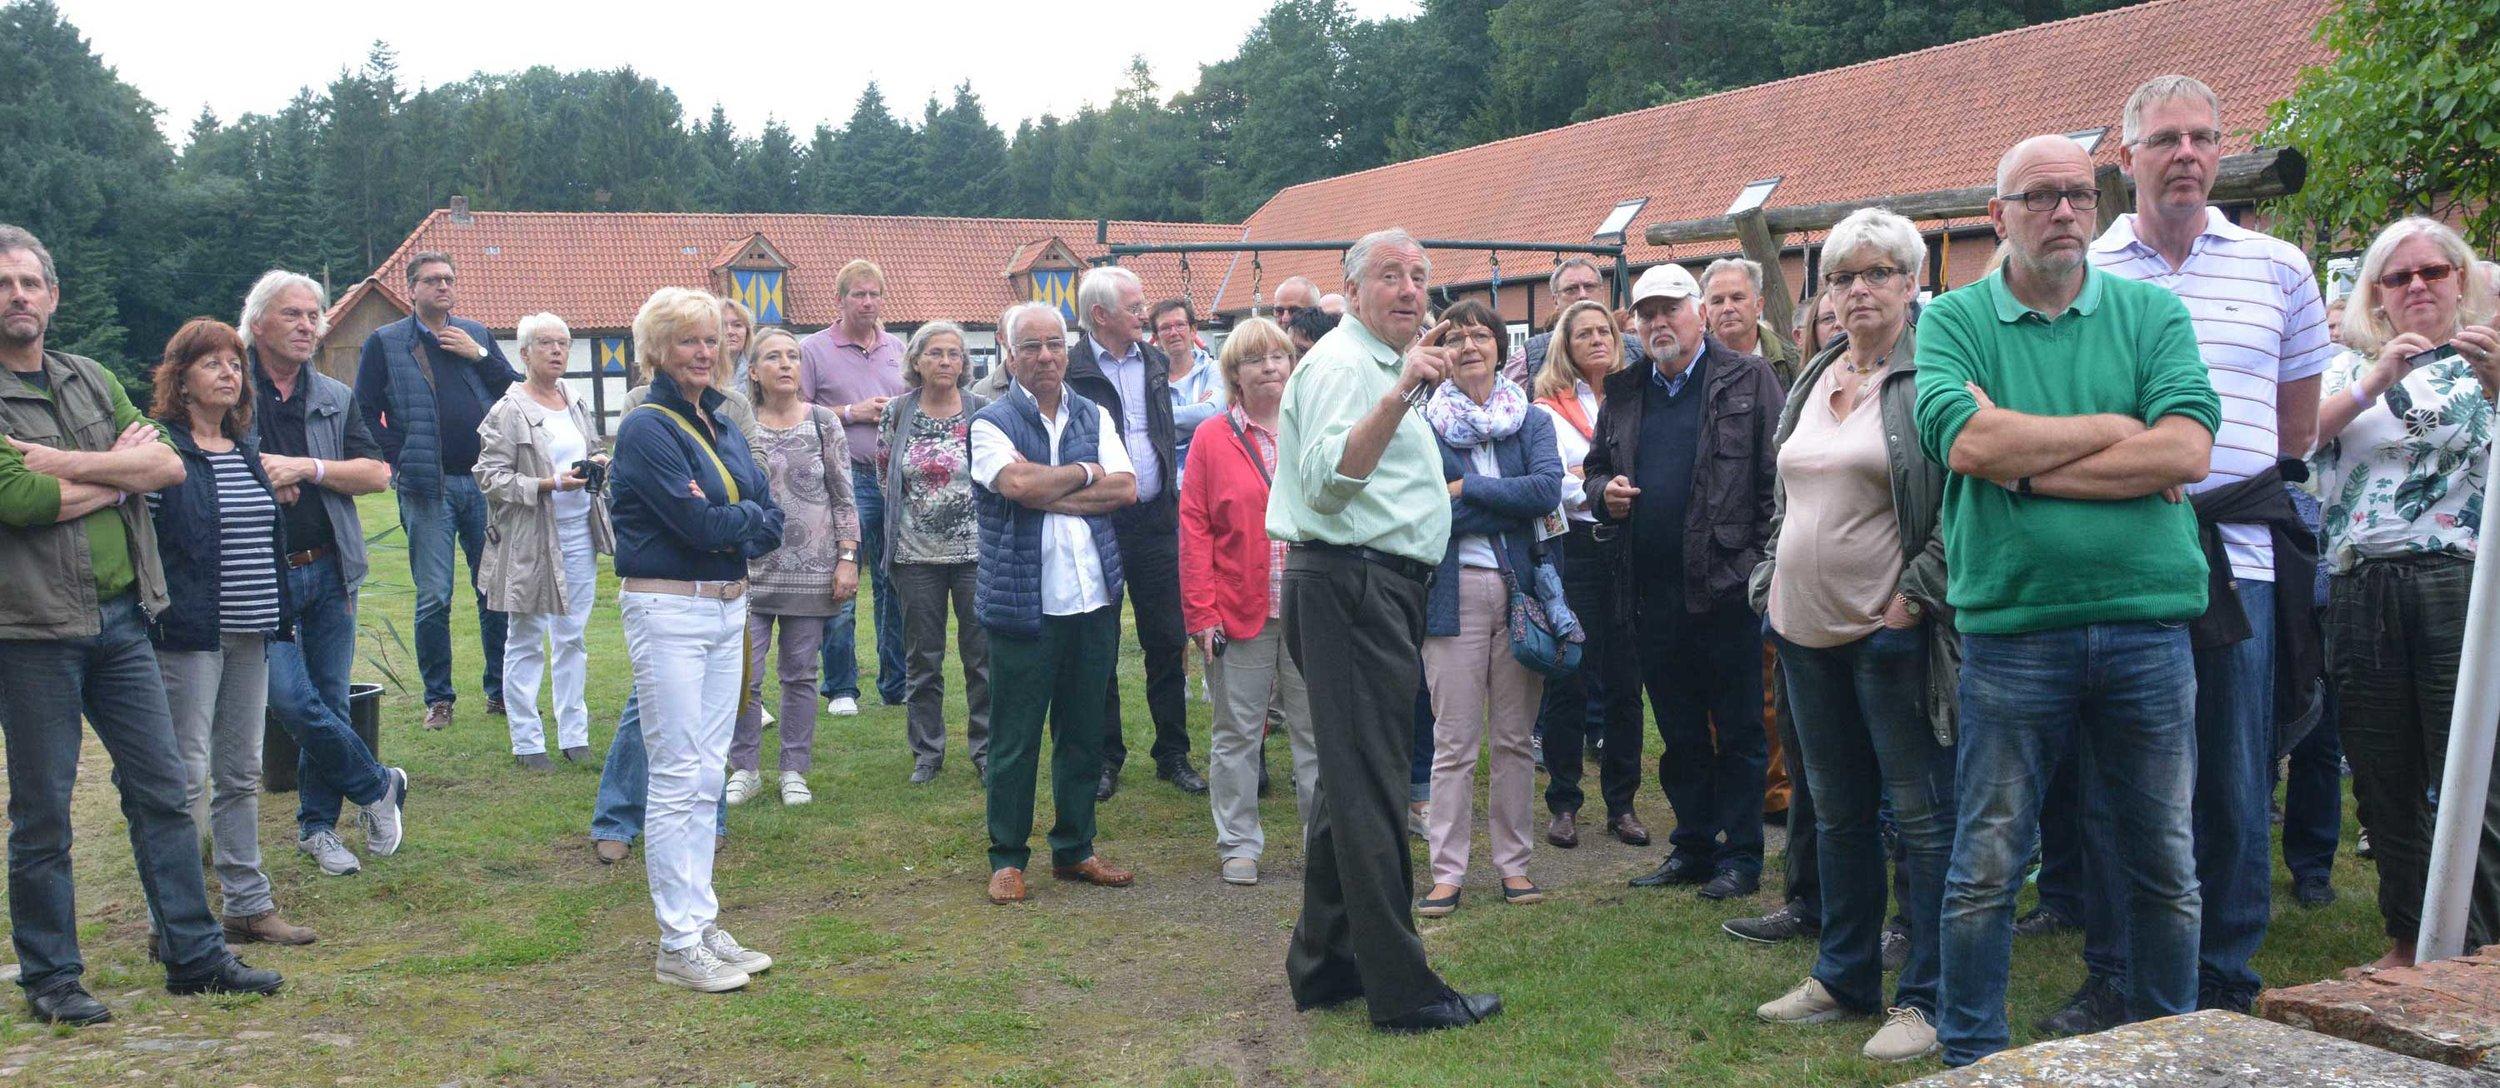 Baron Christoph von Boeselager (mitte) führte die Besucher über das Geländes des Schlosses.Fotos: Georg Geers